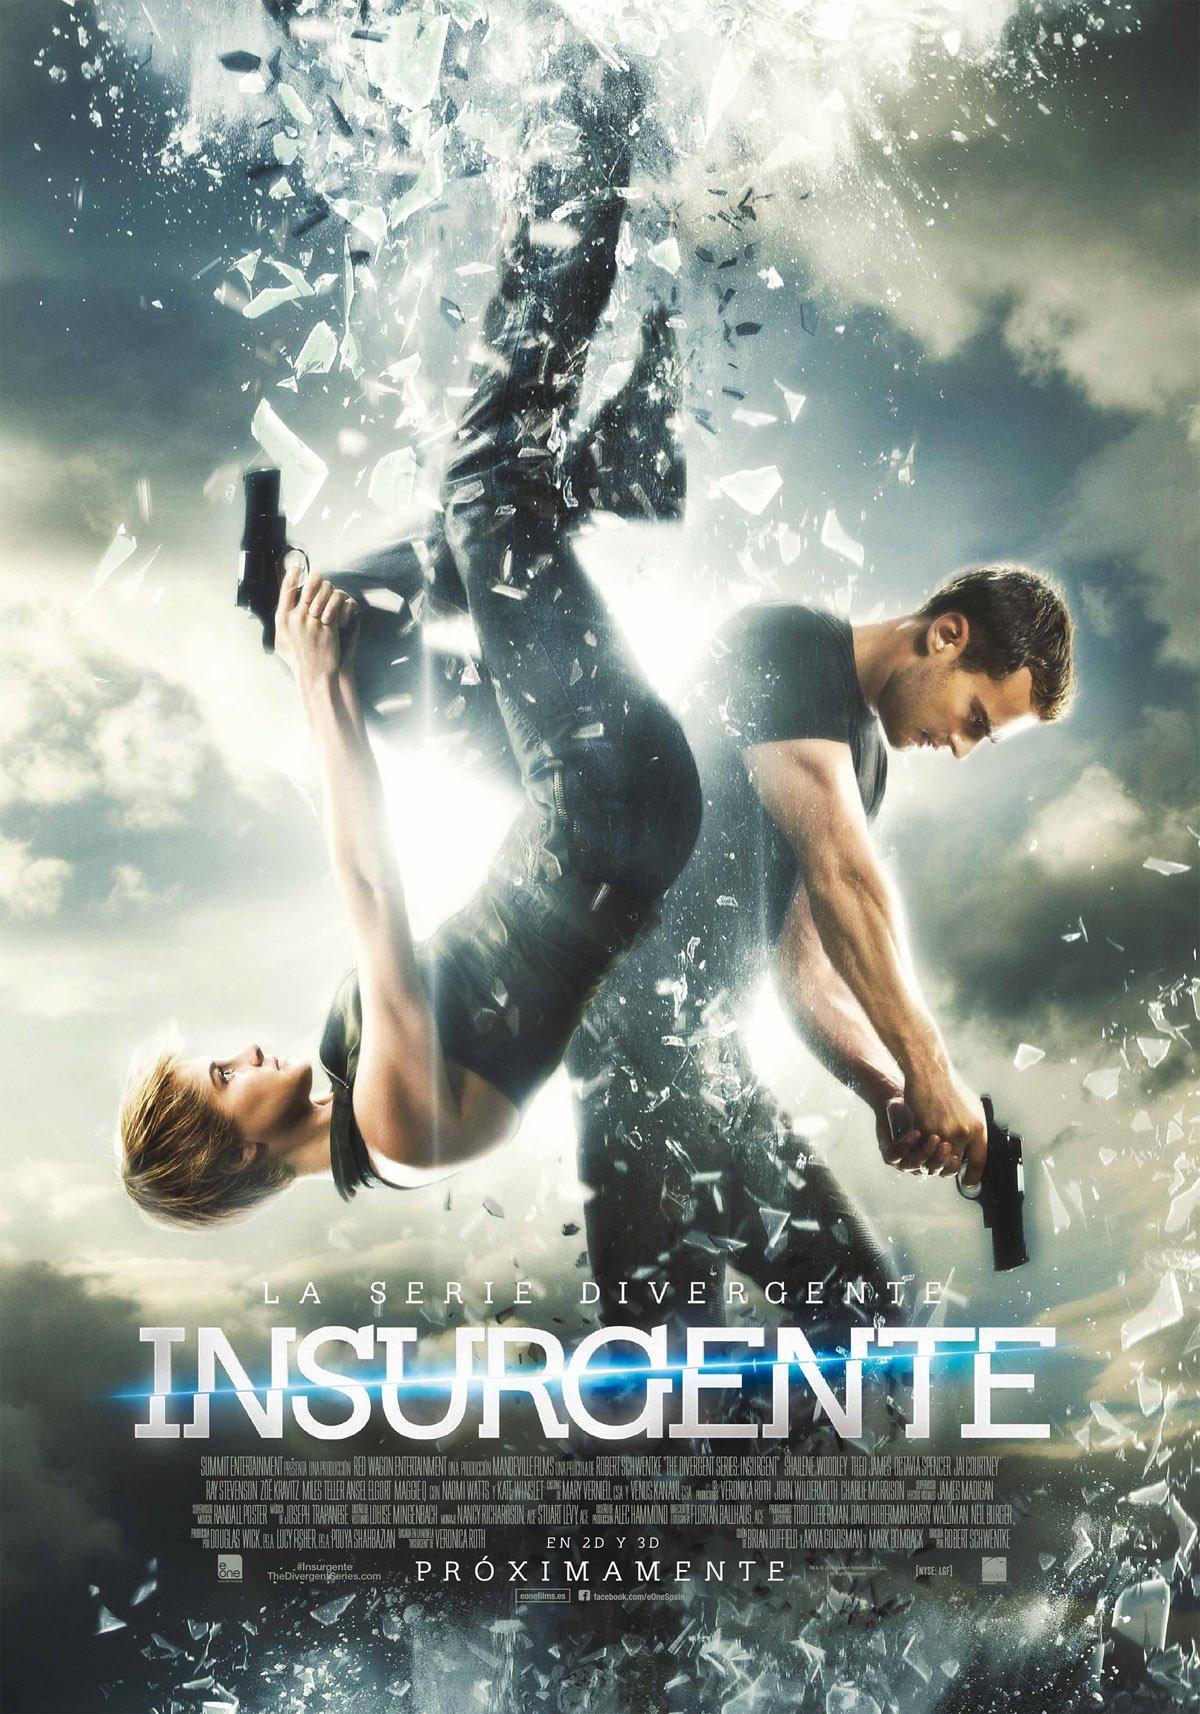 d846bf5319 Noticias sobre La serie Divergente: Insurgente - SensaCine.com